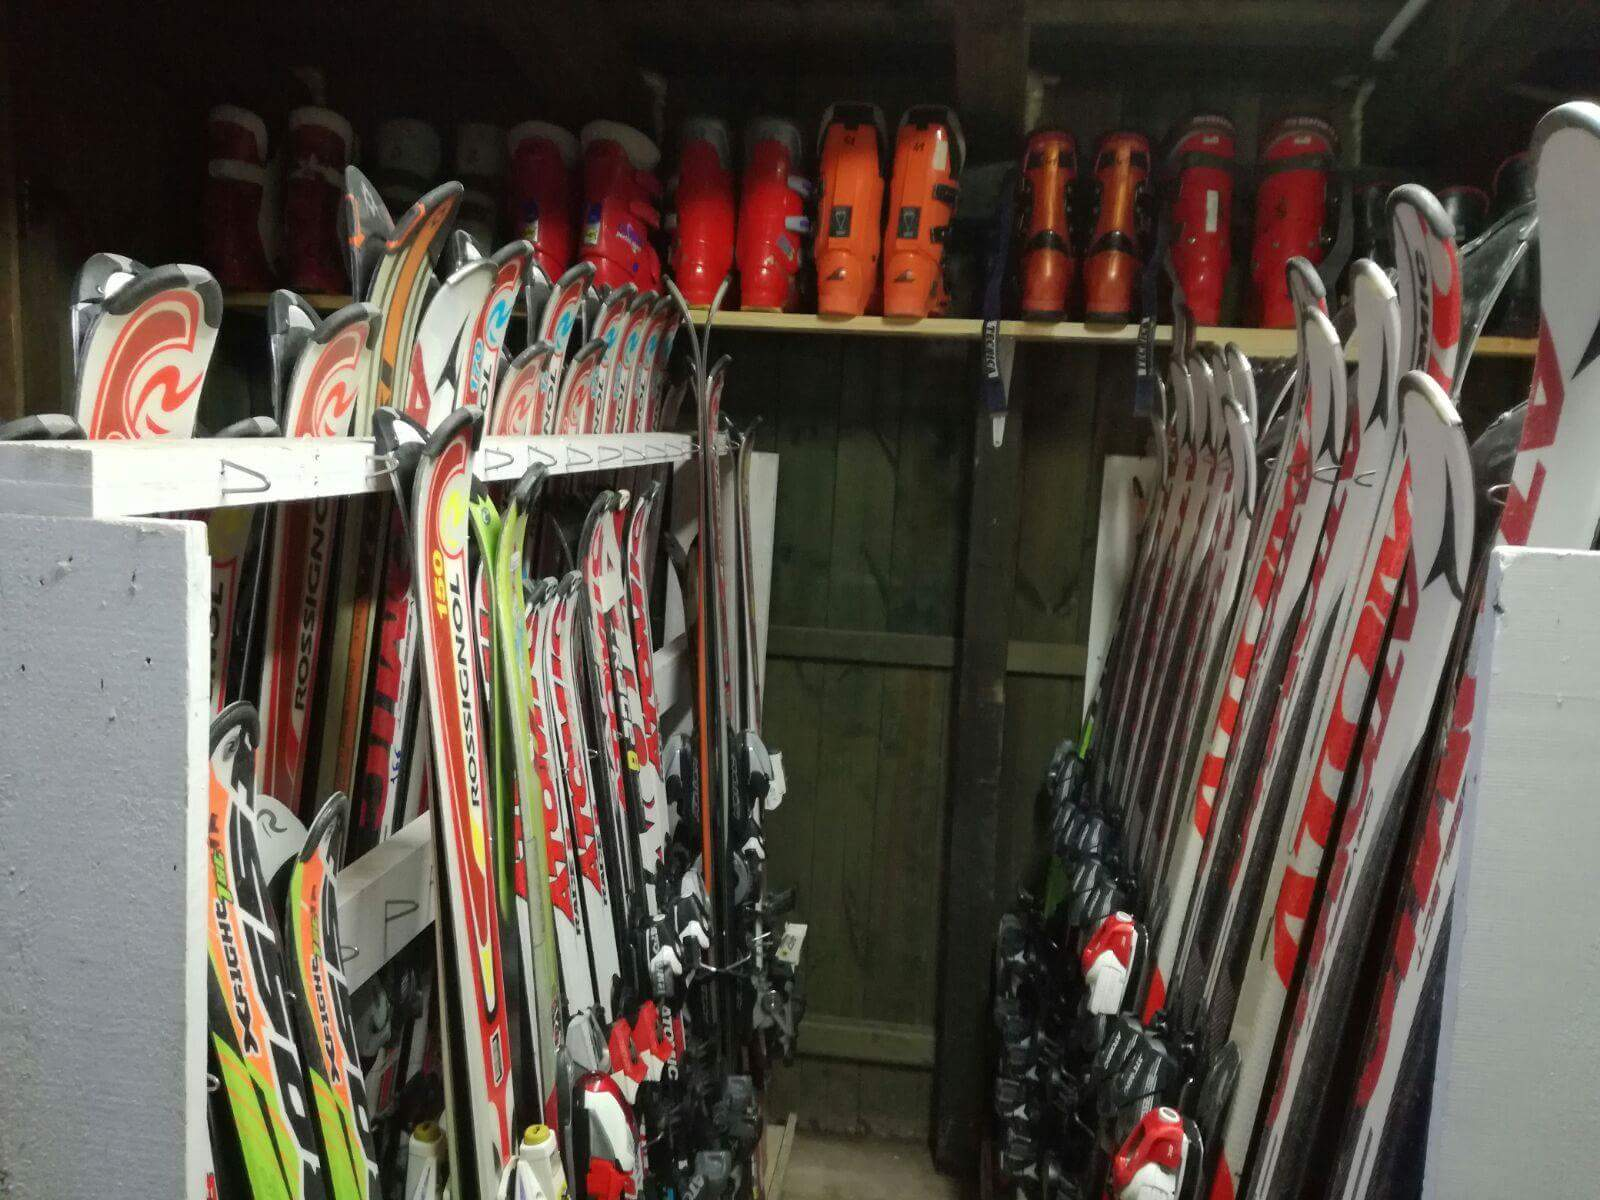 Noleggio sci, snowboard e bob a Bolognola (MC) - Marche